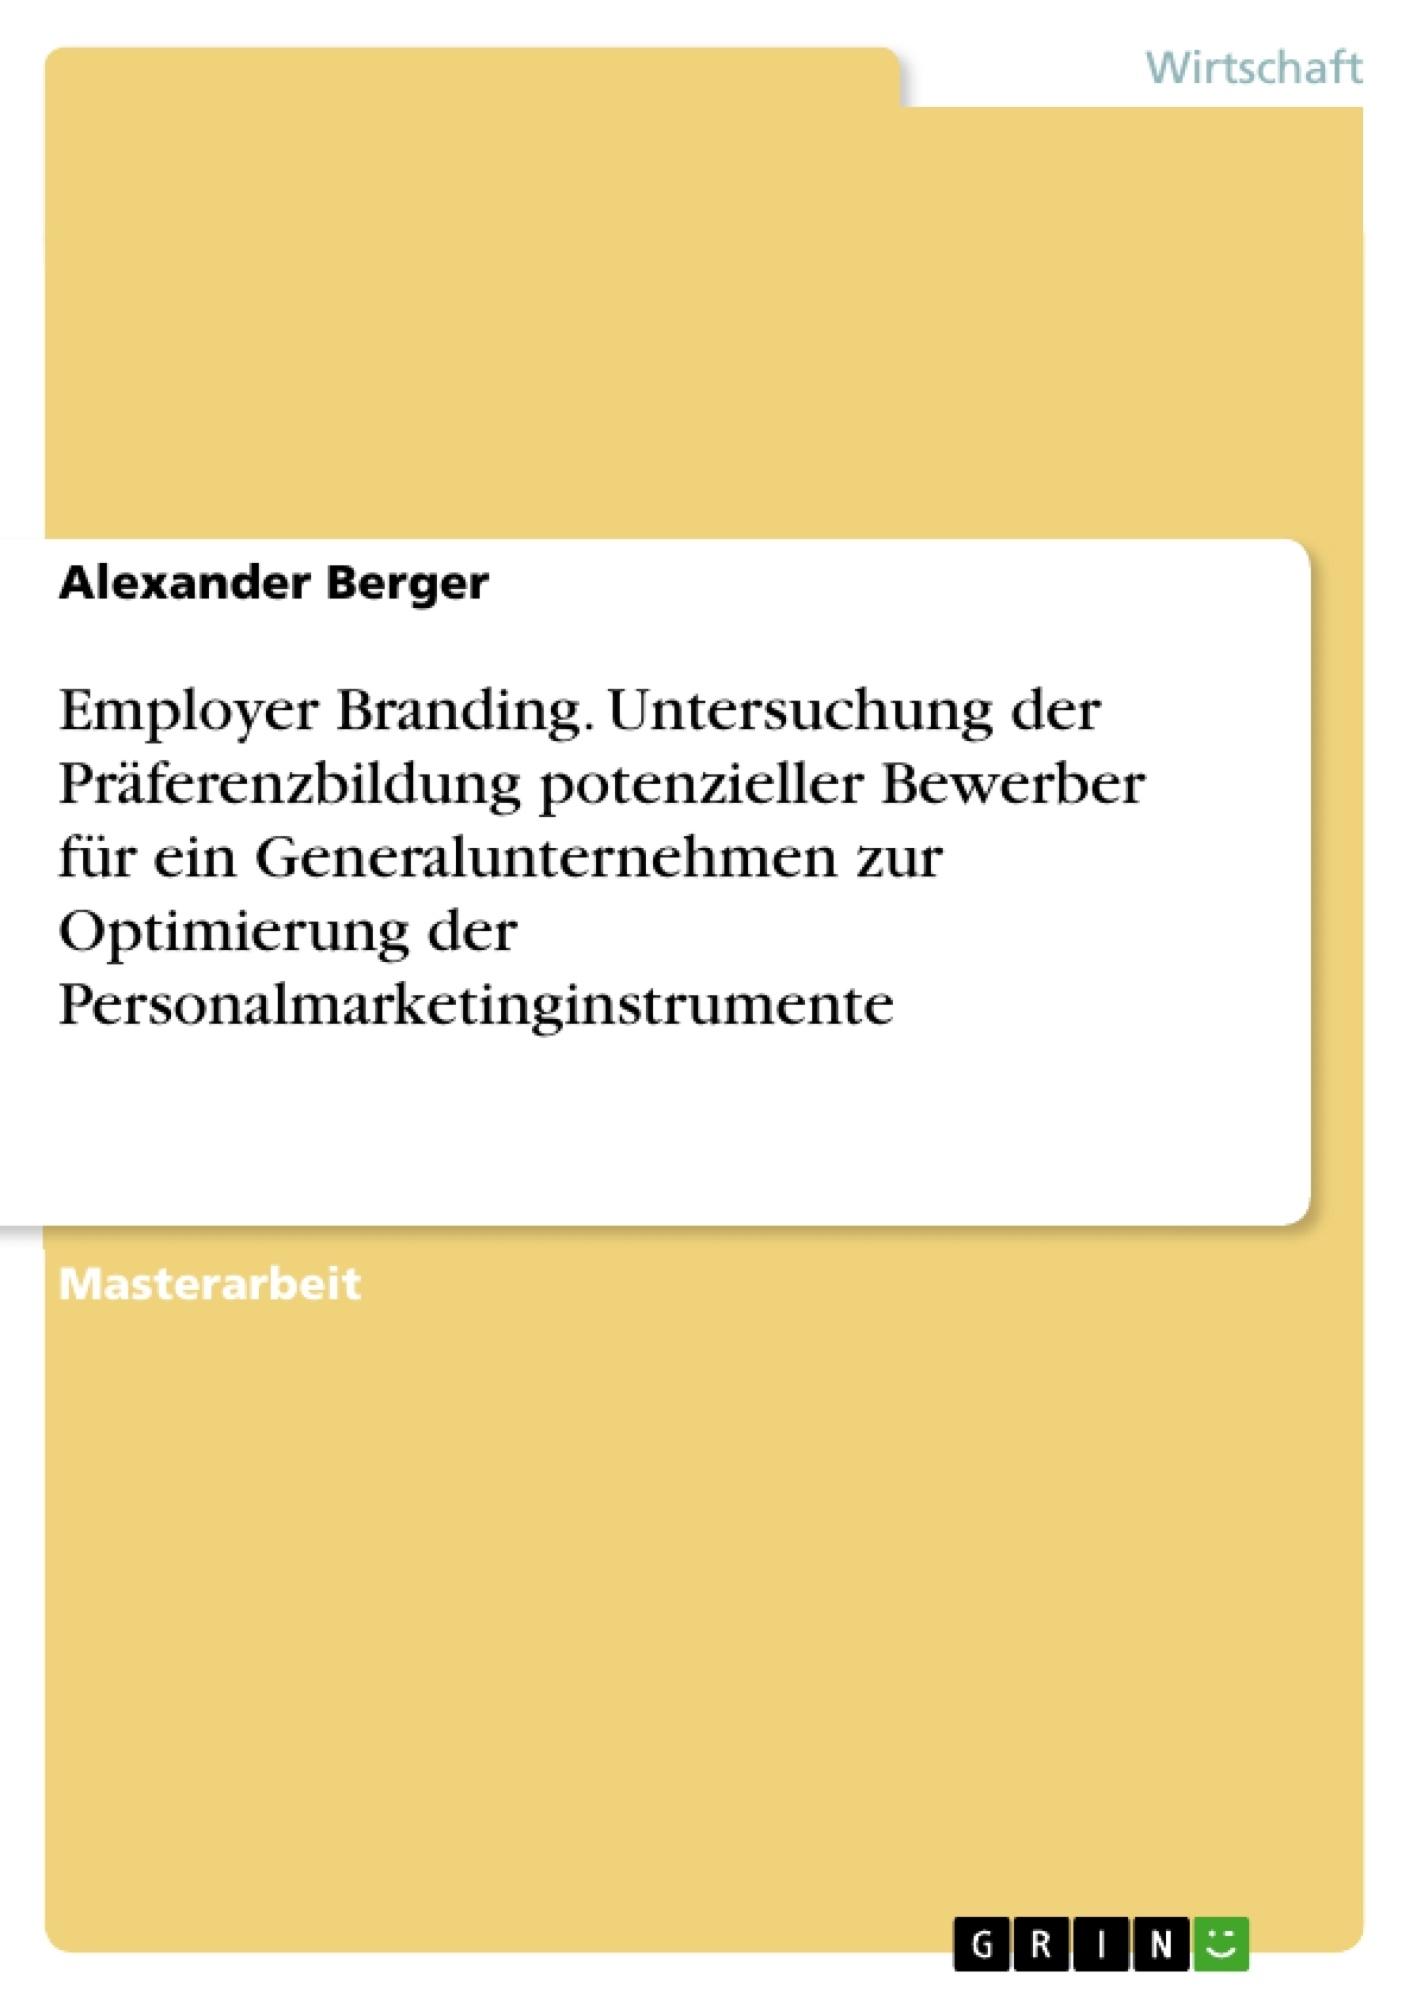 Titel: Employer Branding. Untersuchung der Präferenzbildung potenzieller Bewerber für ein Generalunternehmen zur Optimierung der Personalmarketinginstrumente